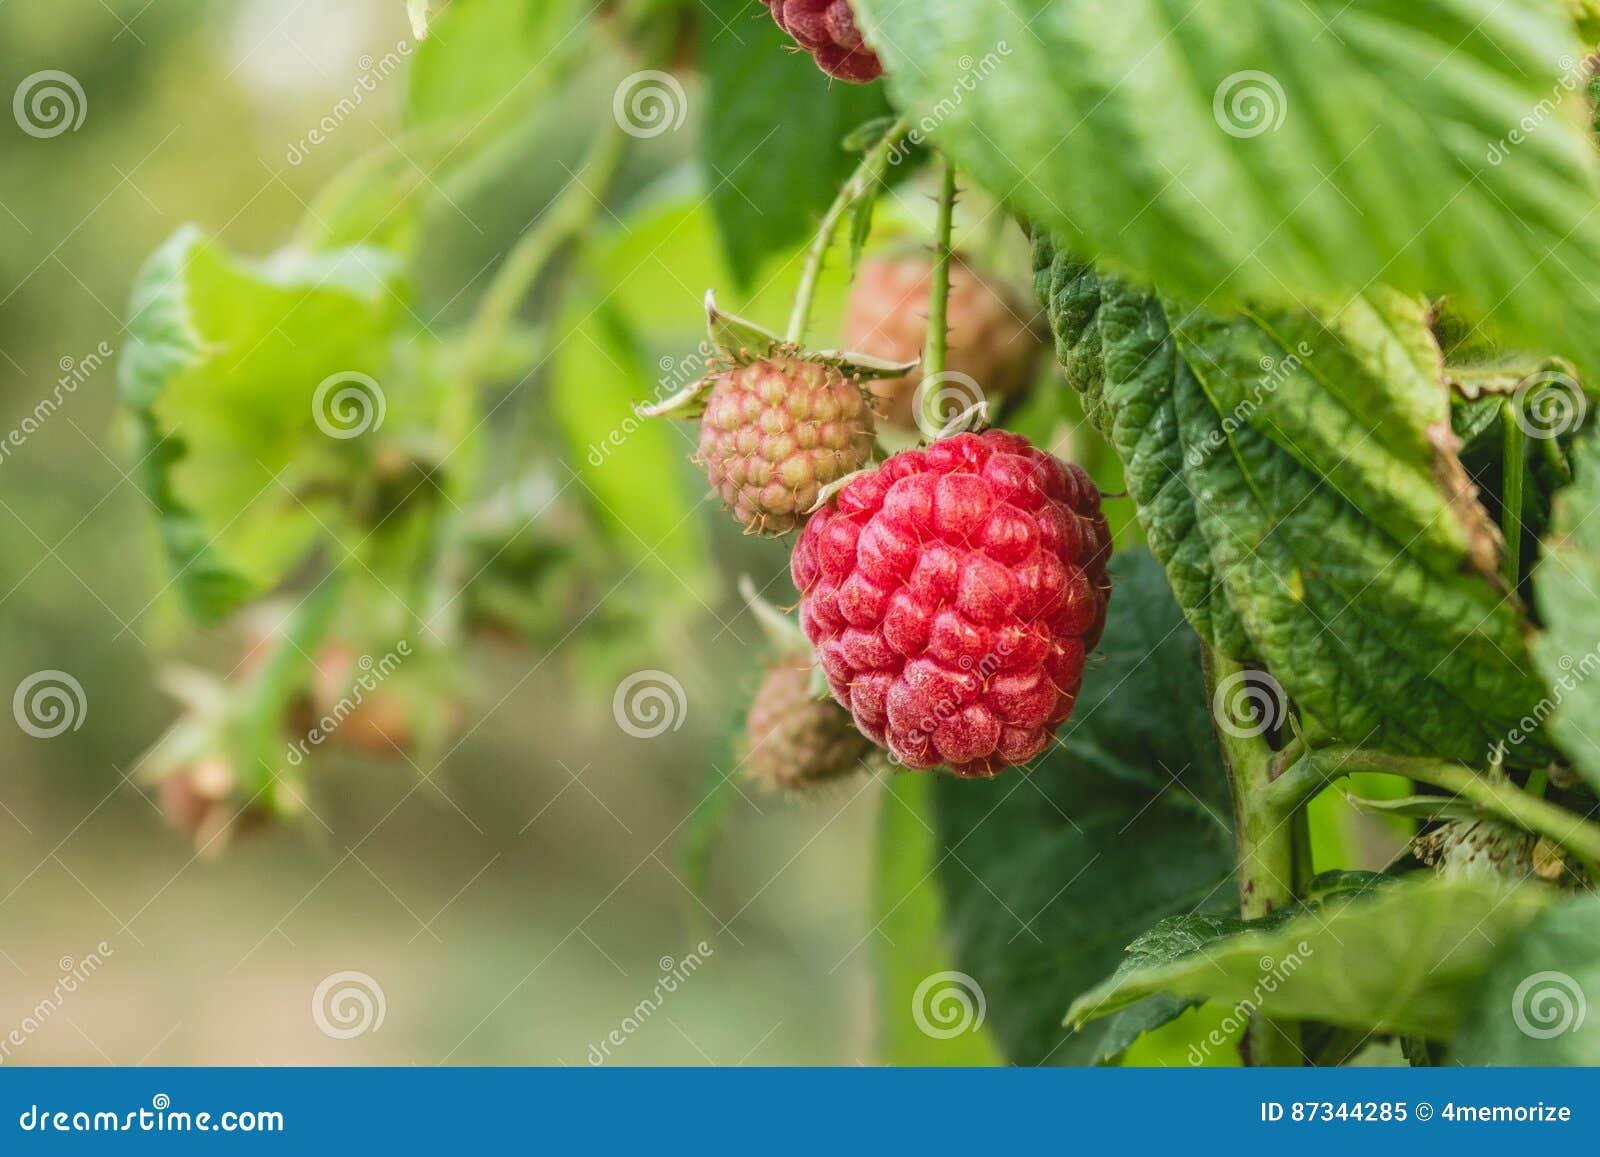 Lampone organico maturo, crescente su un ramo